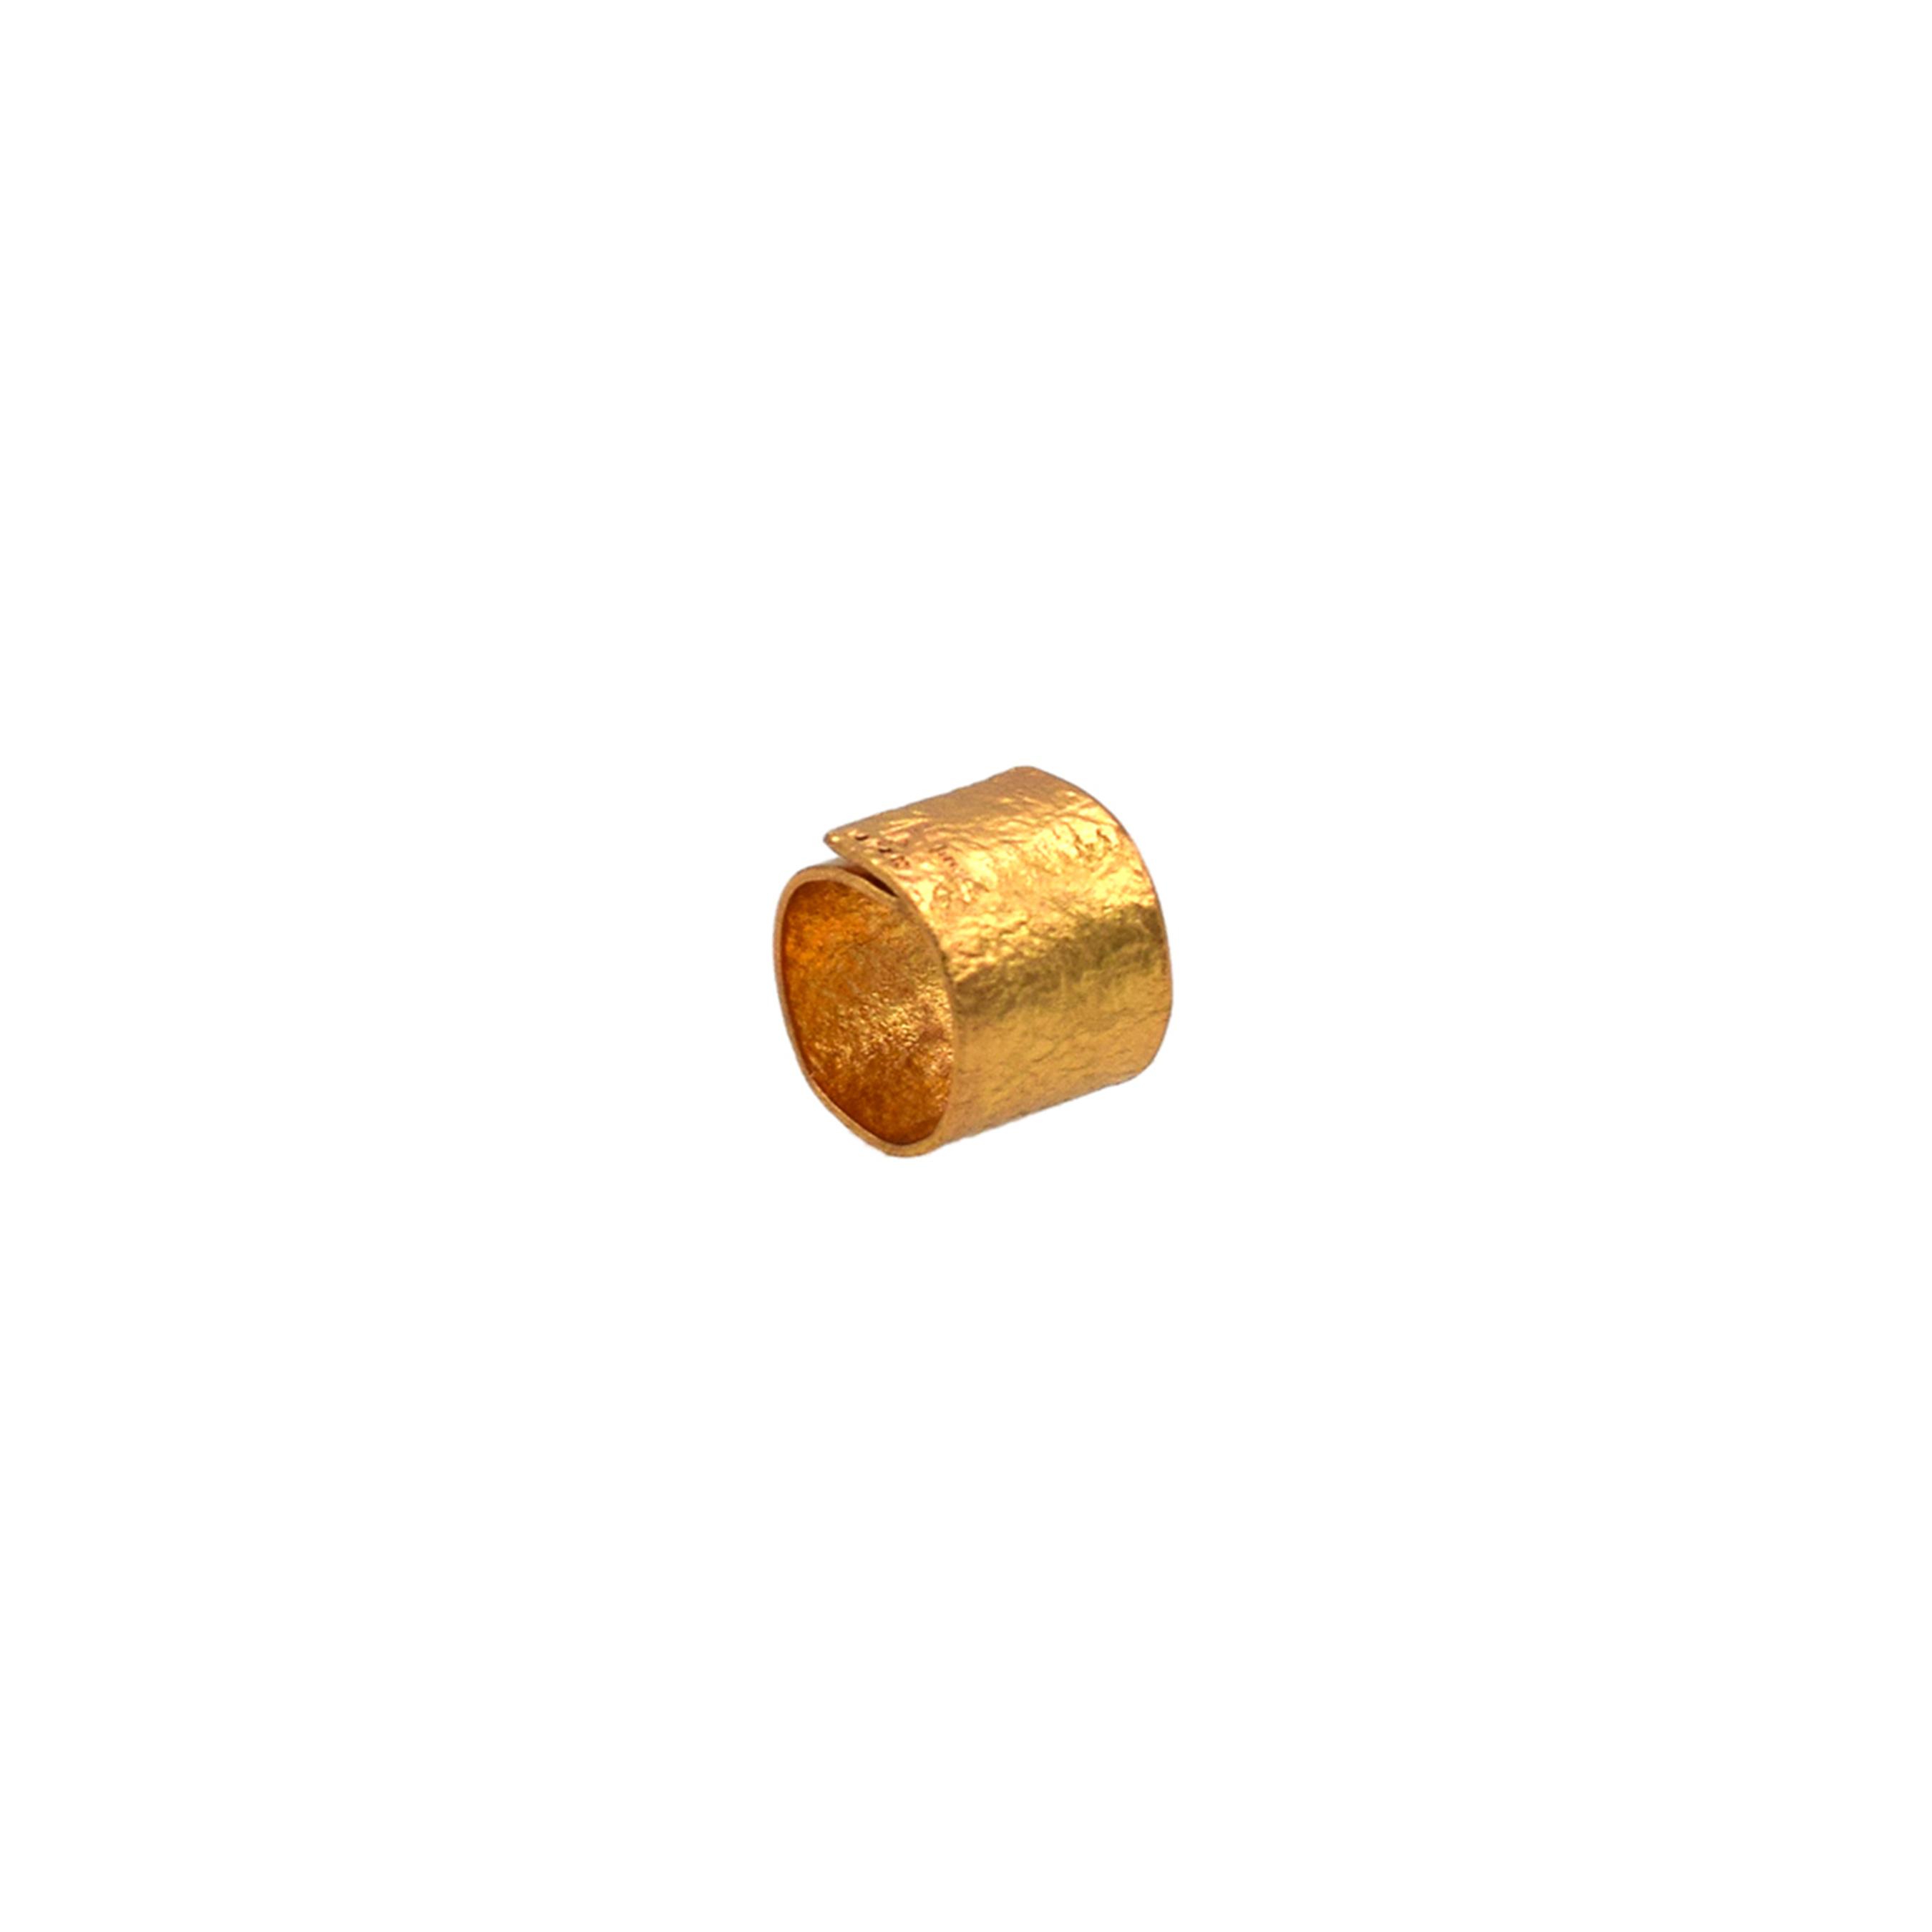 《リング》TIN BREATH Ring 20×80 mm Gold plate